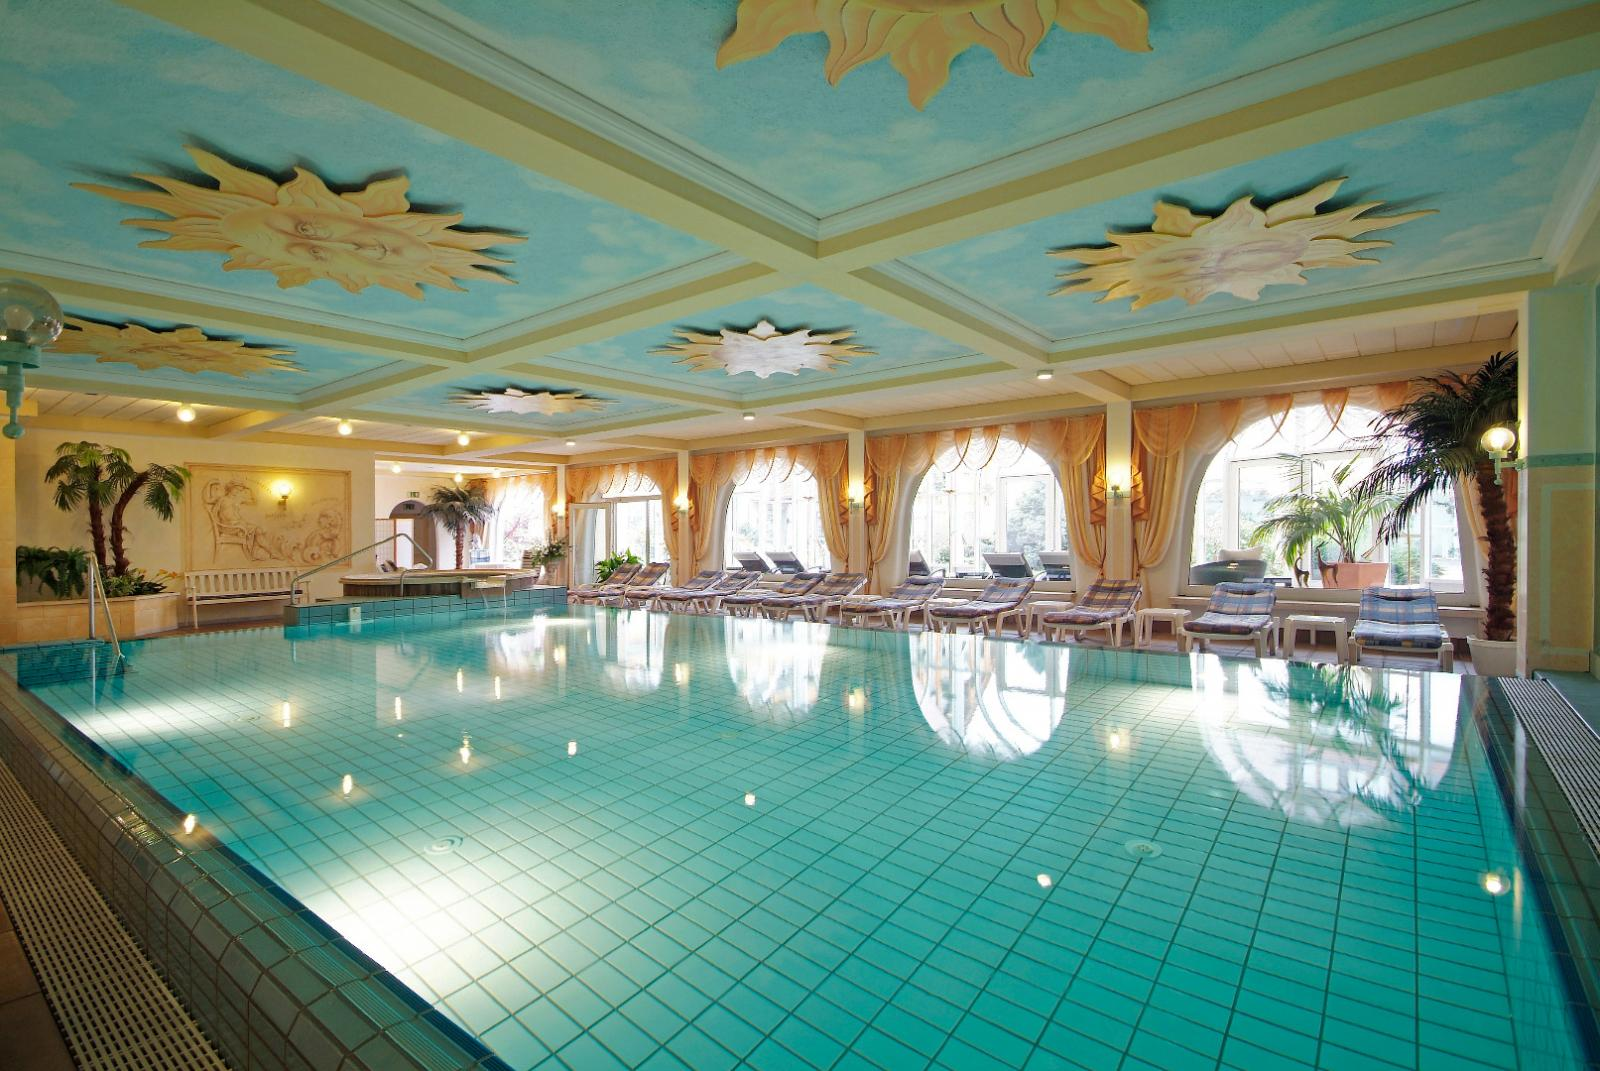 ringhotel krone schnetzenhausen friedrichshafen am bodensee hotelbewertung. Black Bedroom Furniture Sets. Home Design Ideas